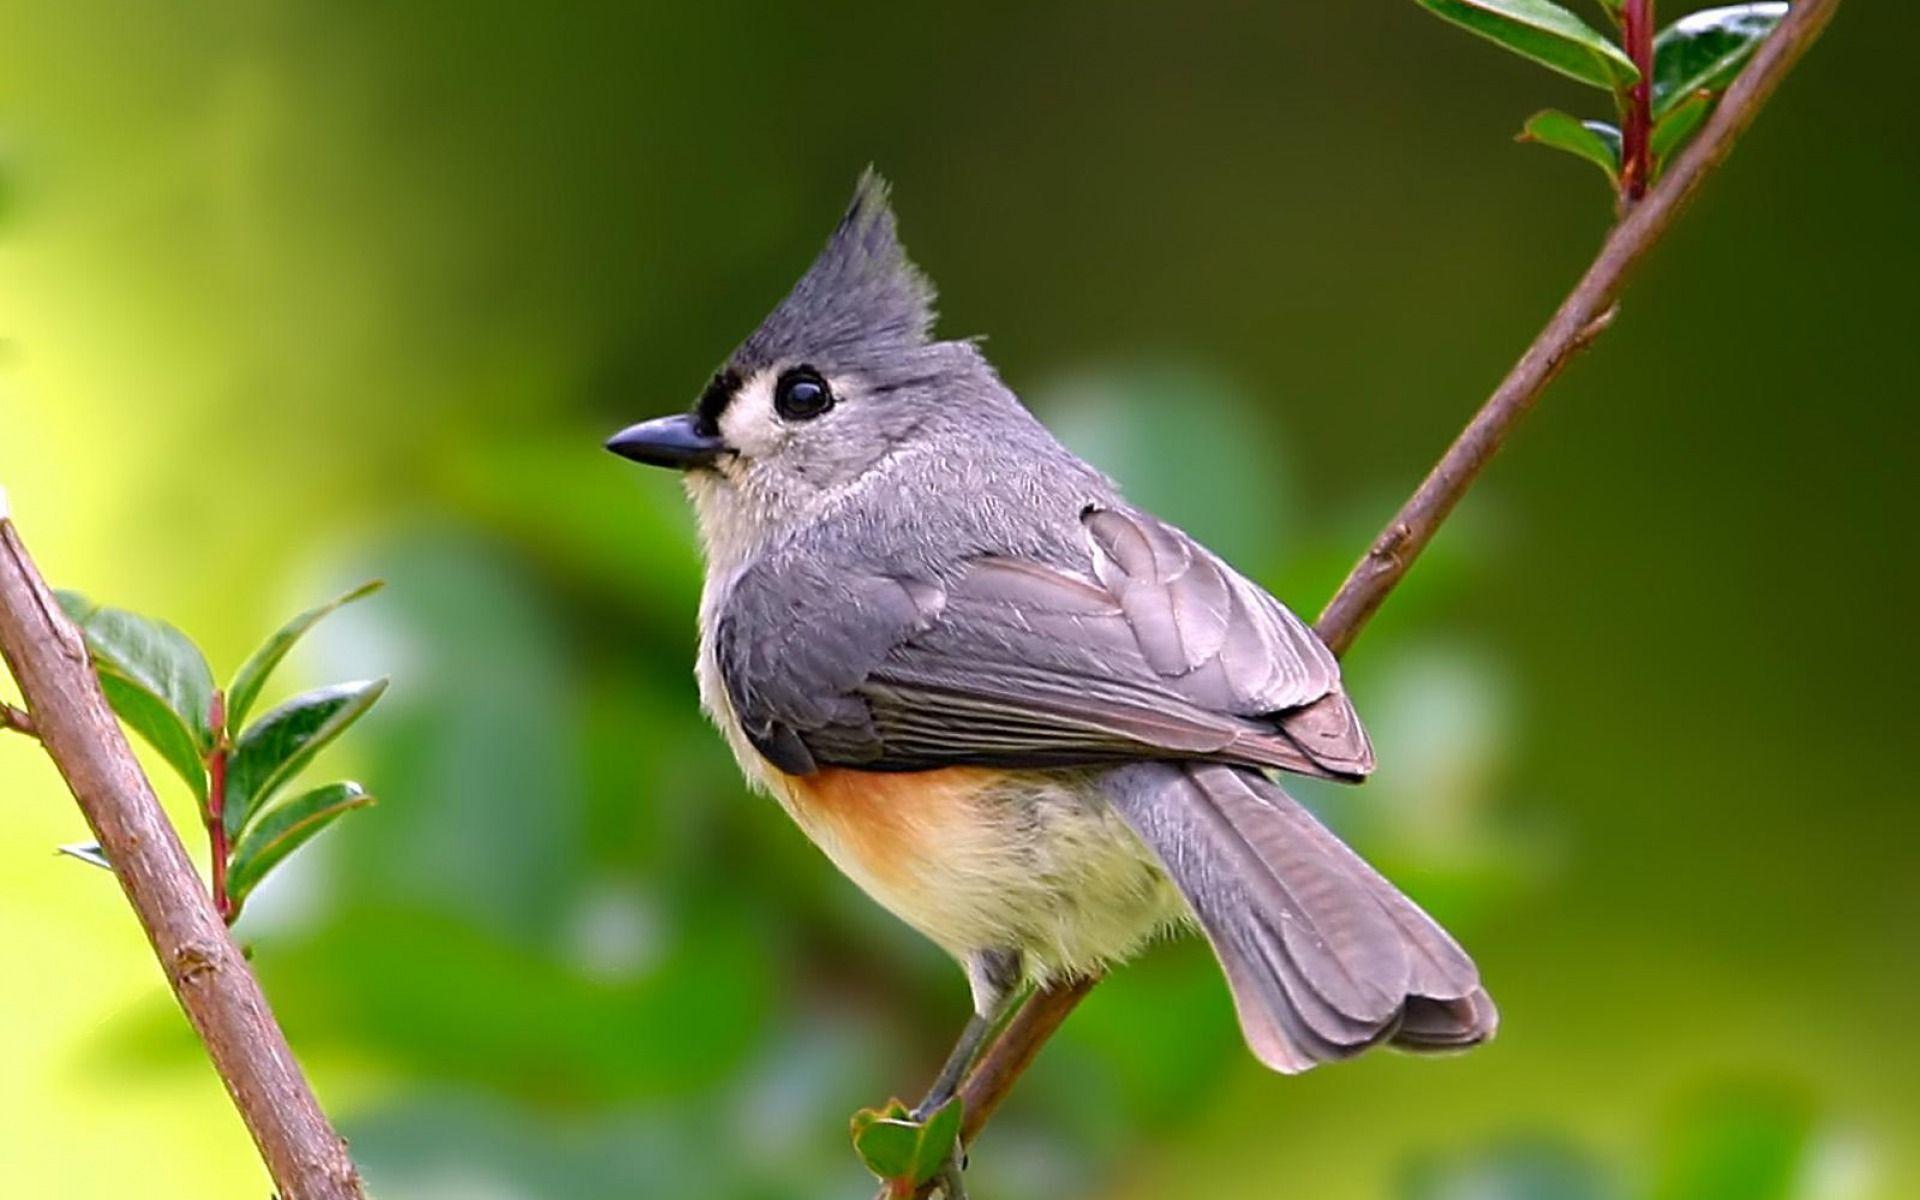 очень картинки животных птичек картинка должна вписываться